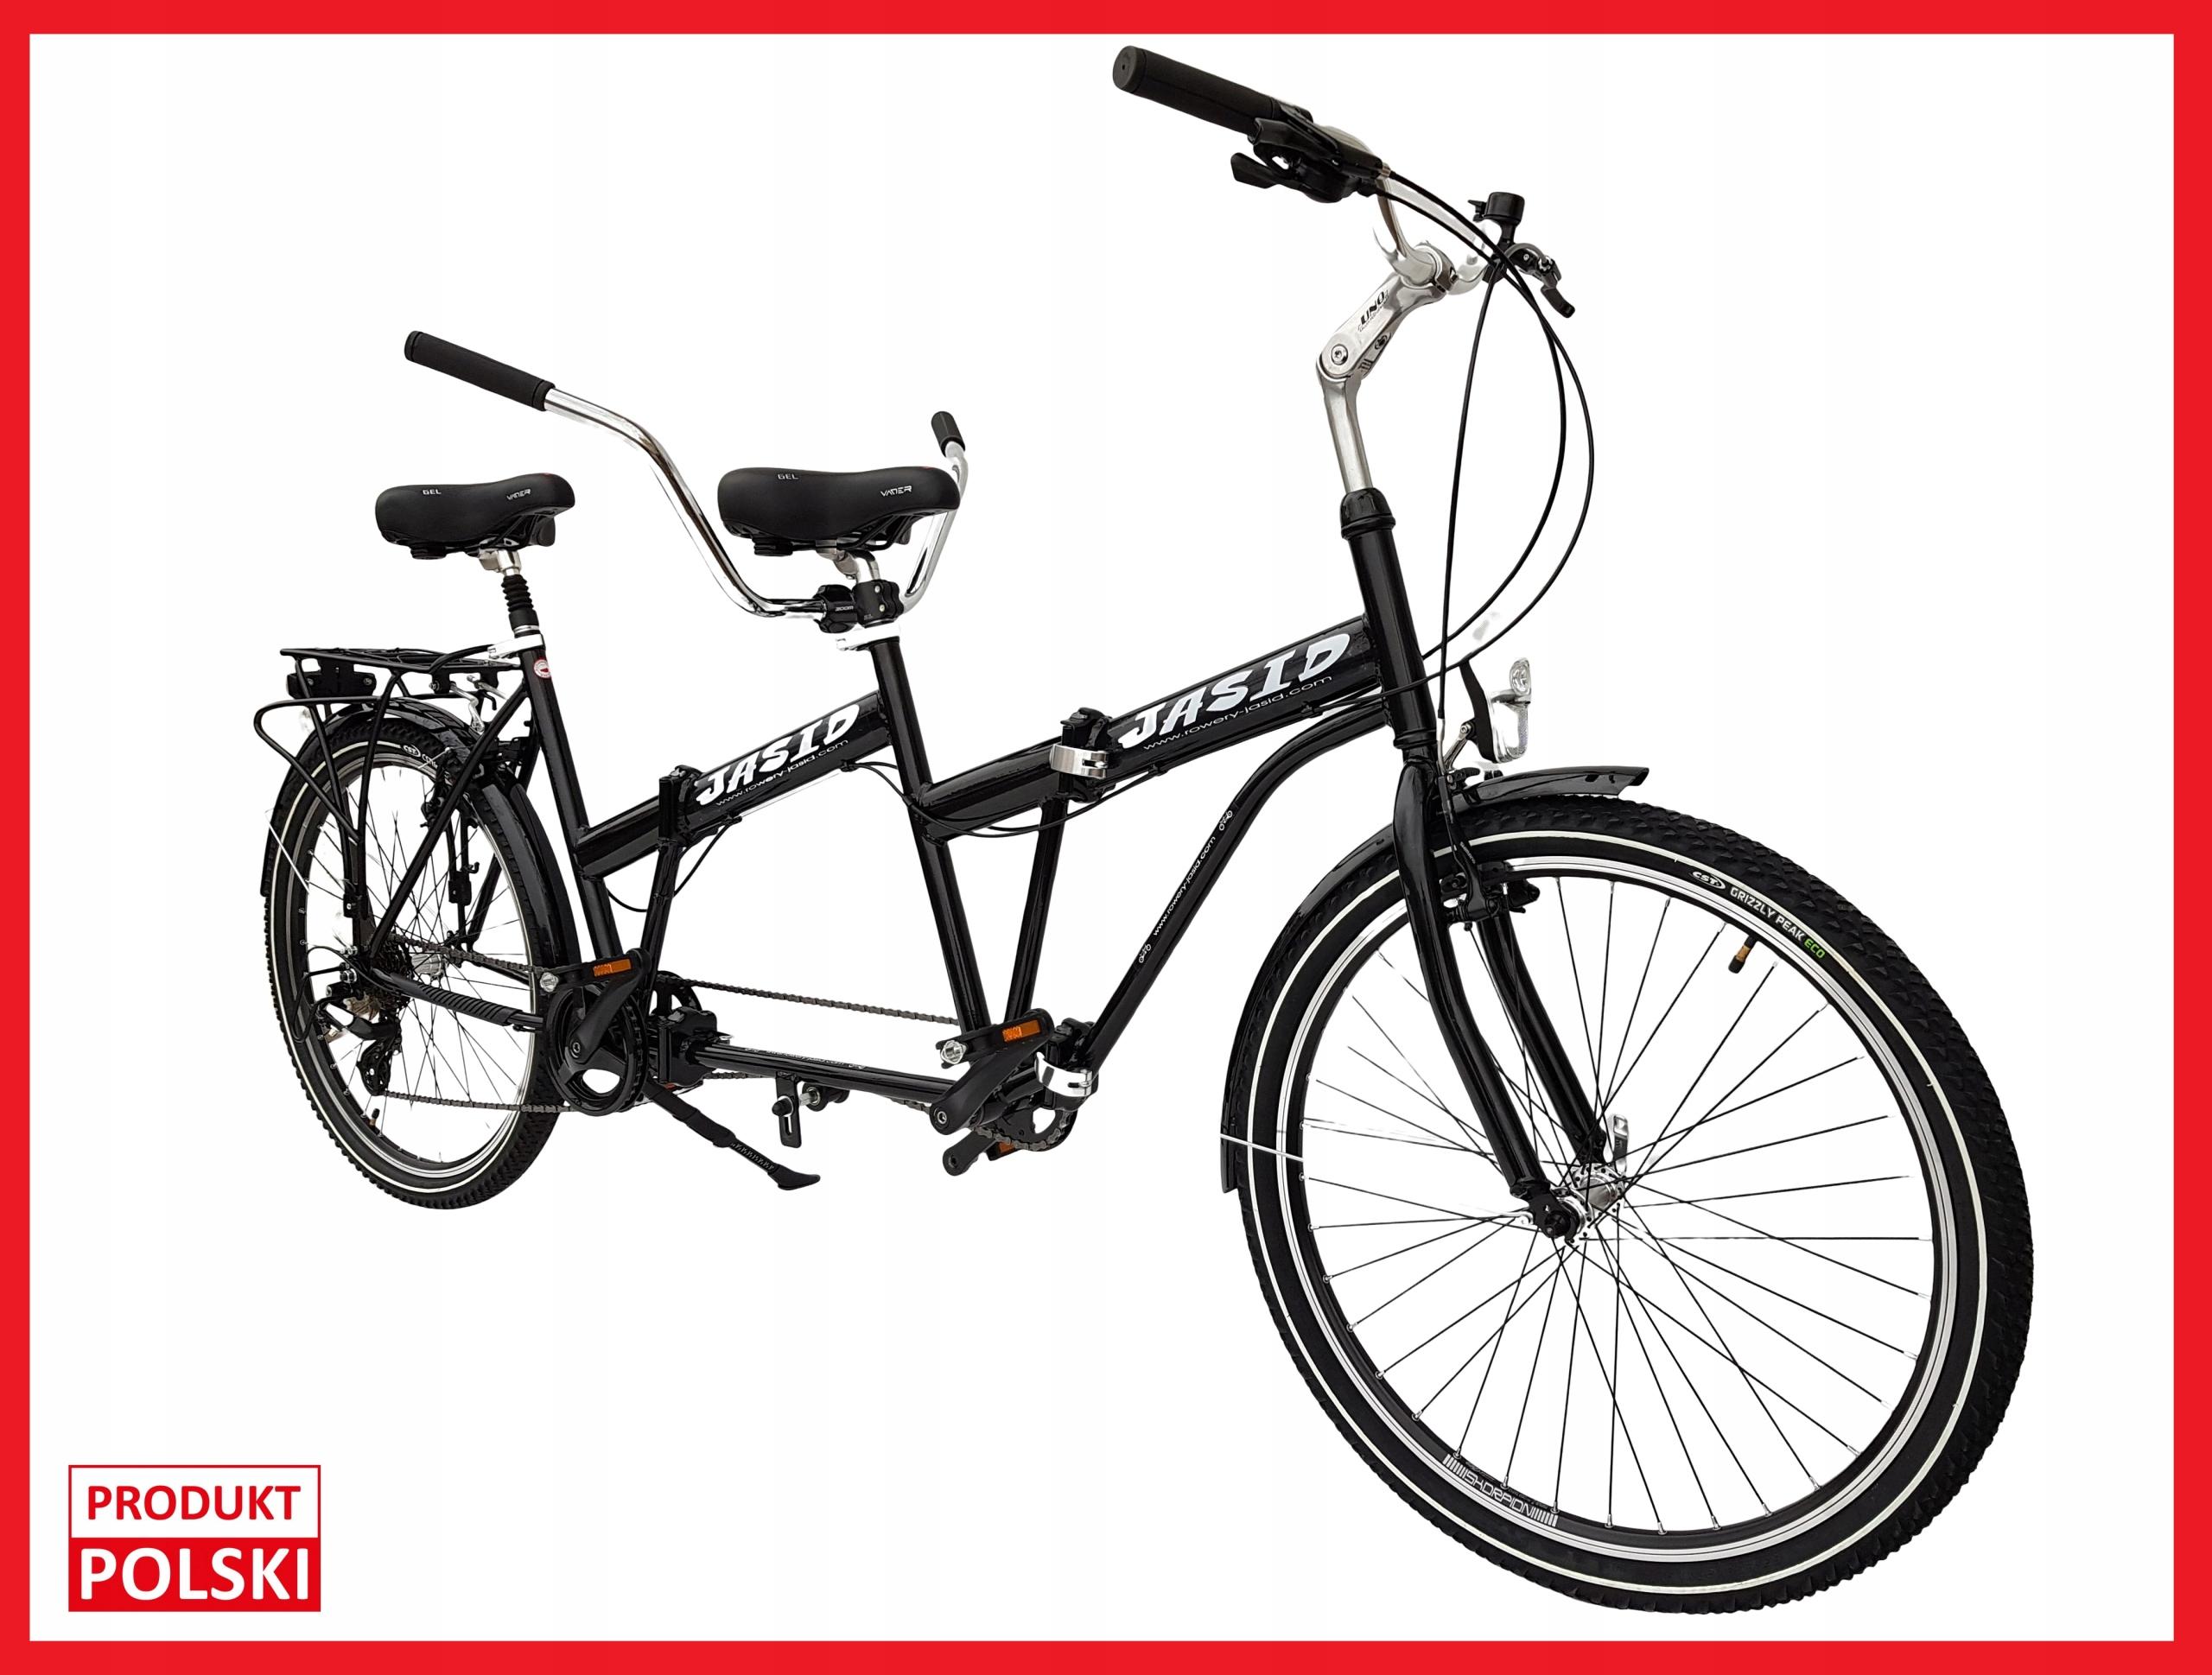 Tandemový bicykel PREMIUM Skladacia 26' POĽSKÝ s plochým dnom lode